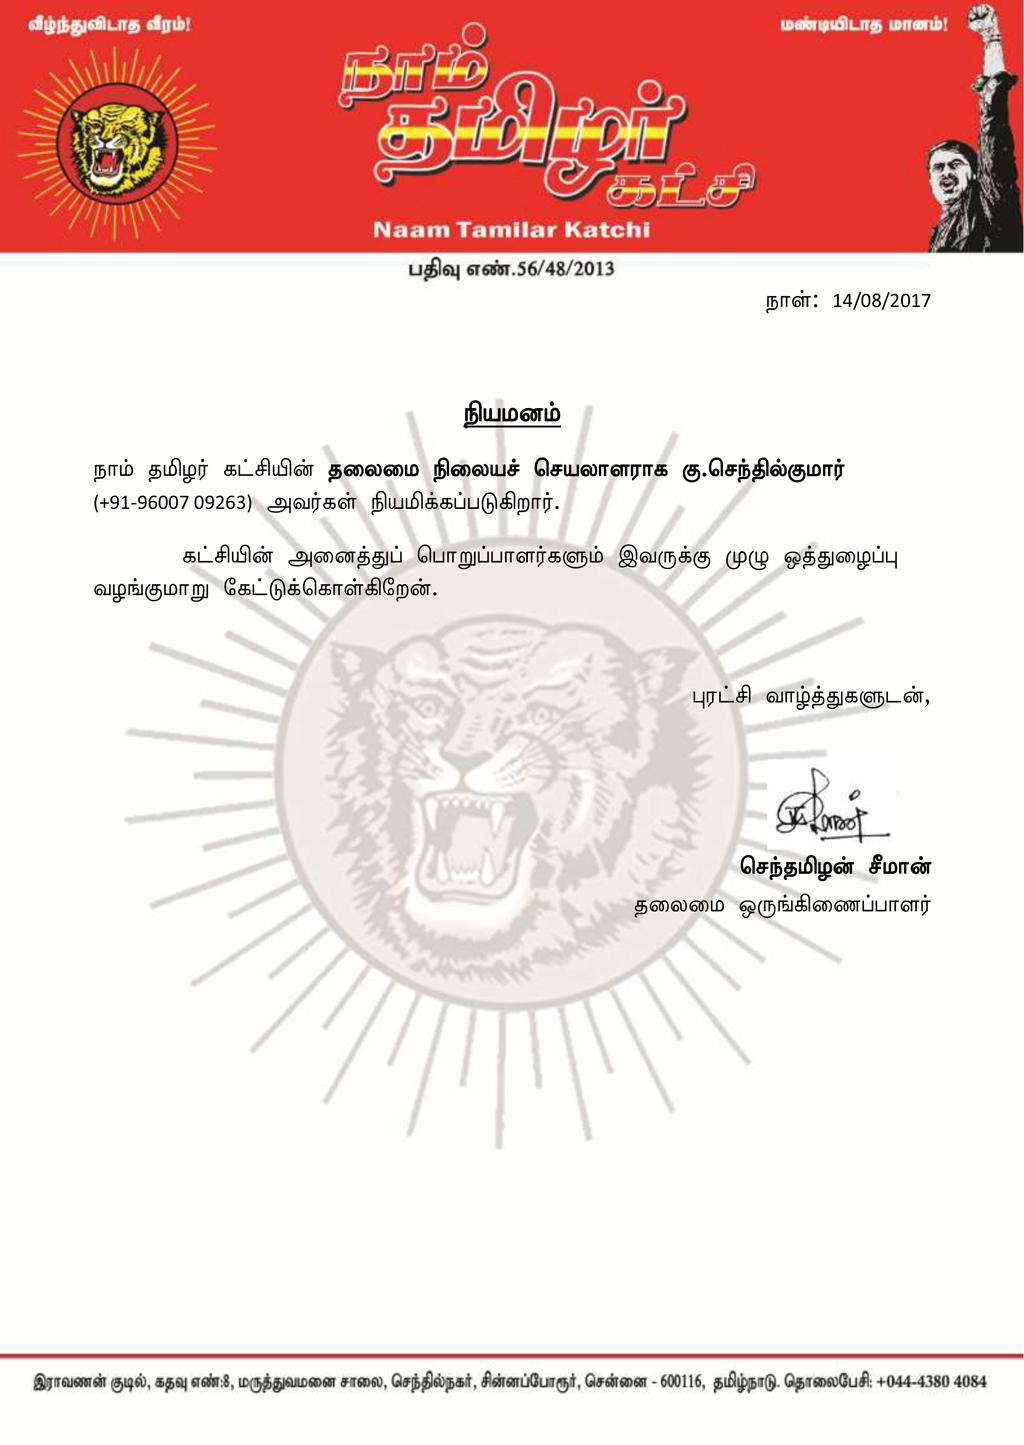 தலைமை நிலையச் செயலாளர் மற்றும் அலுவலக நிர்வாகிகள் நியமனம் senthilkumar k niyamanam naam tamilar katchi thalamai nilaiya seyalaalar 14 8 2017